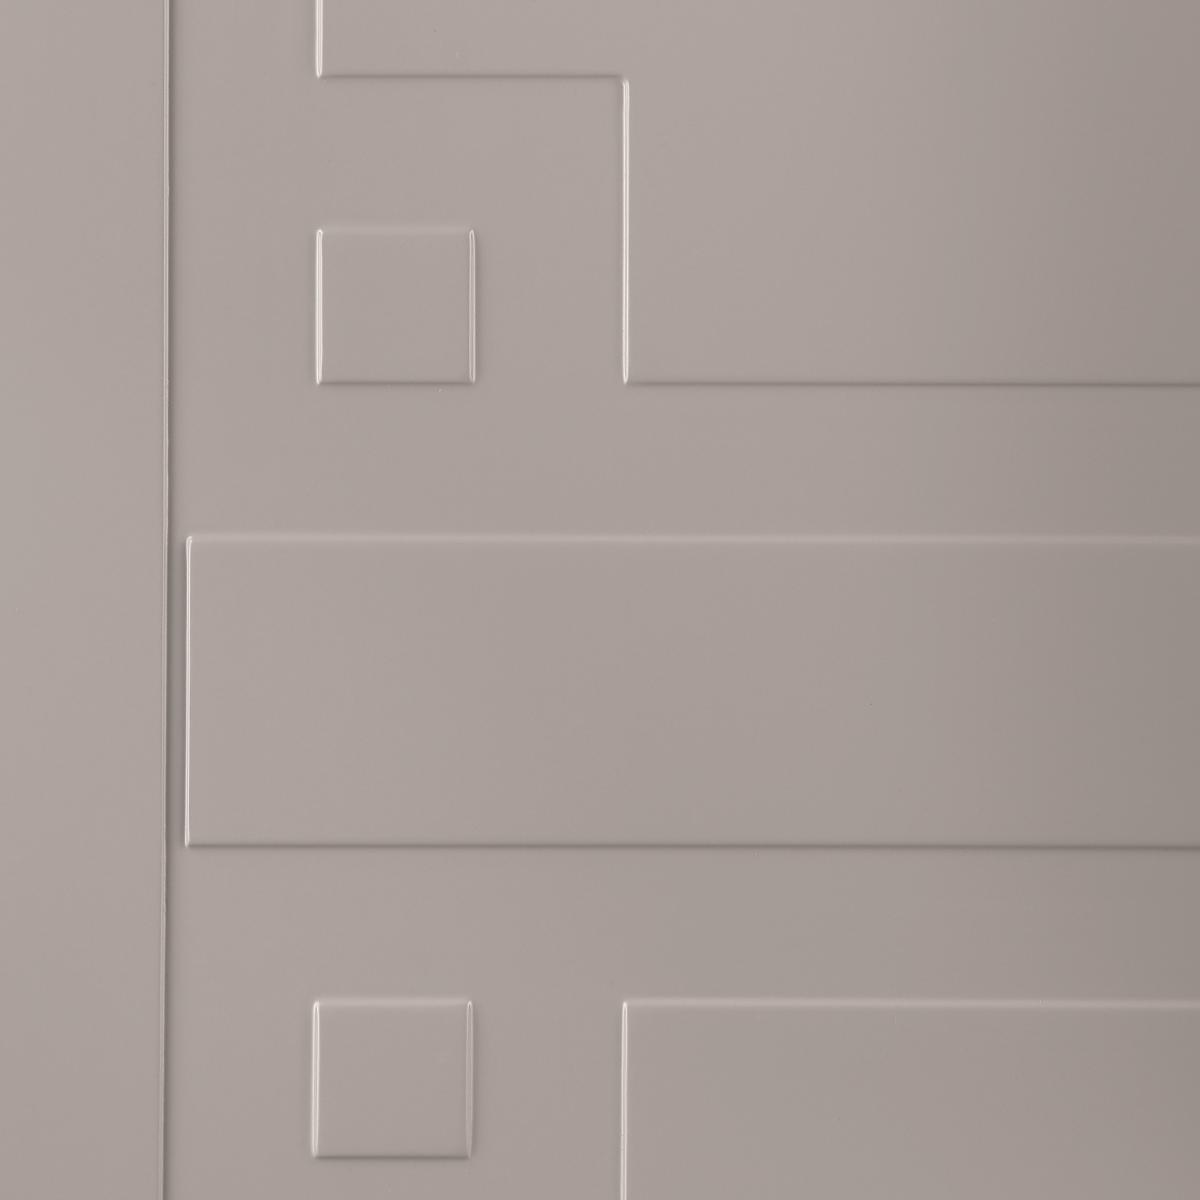 Дверь Межкомнатная Глухая С Замком В Комплекте Лира 70x200 Эмаль Цвет Мускат